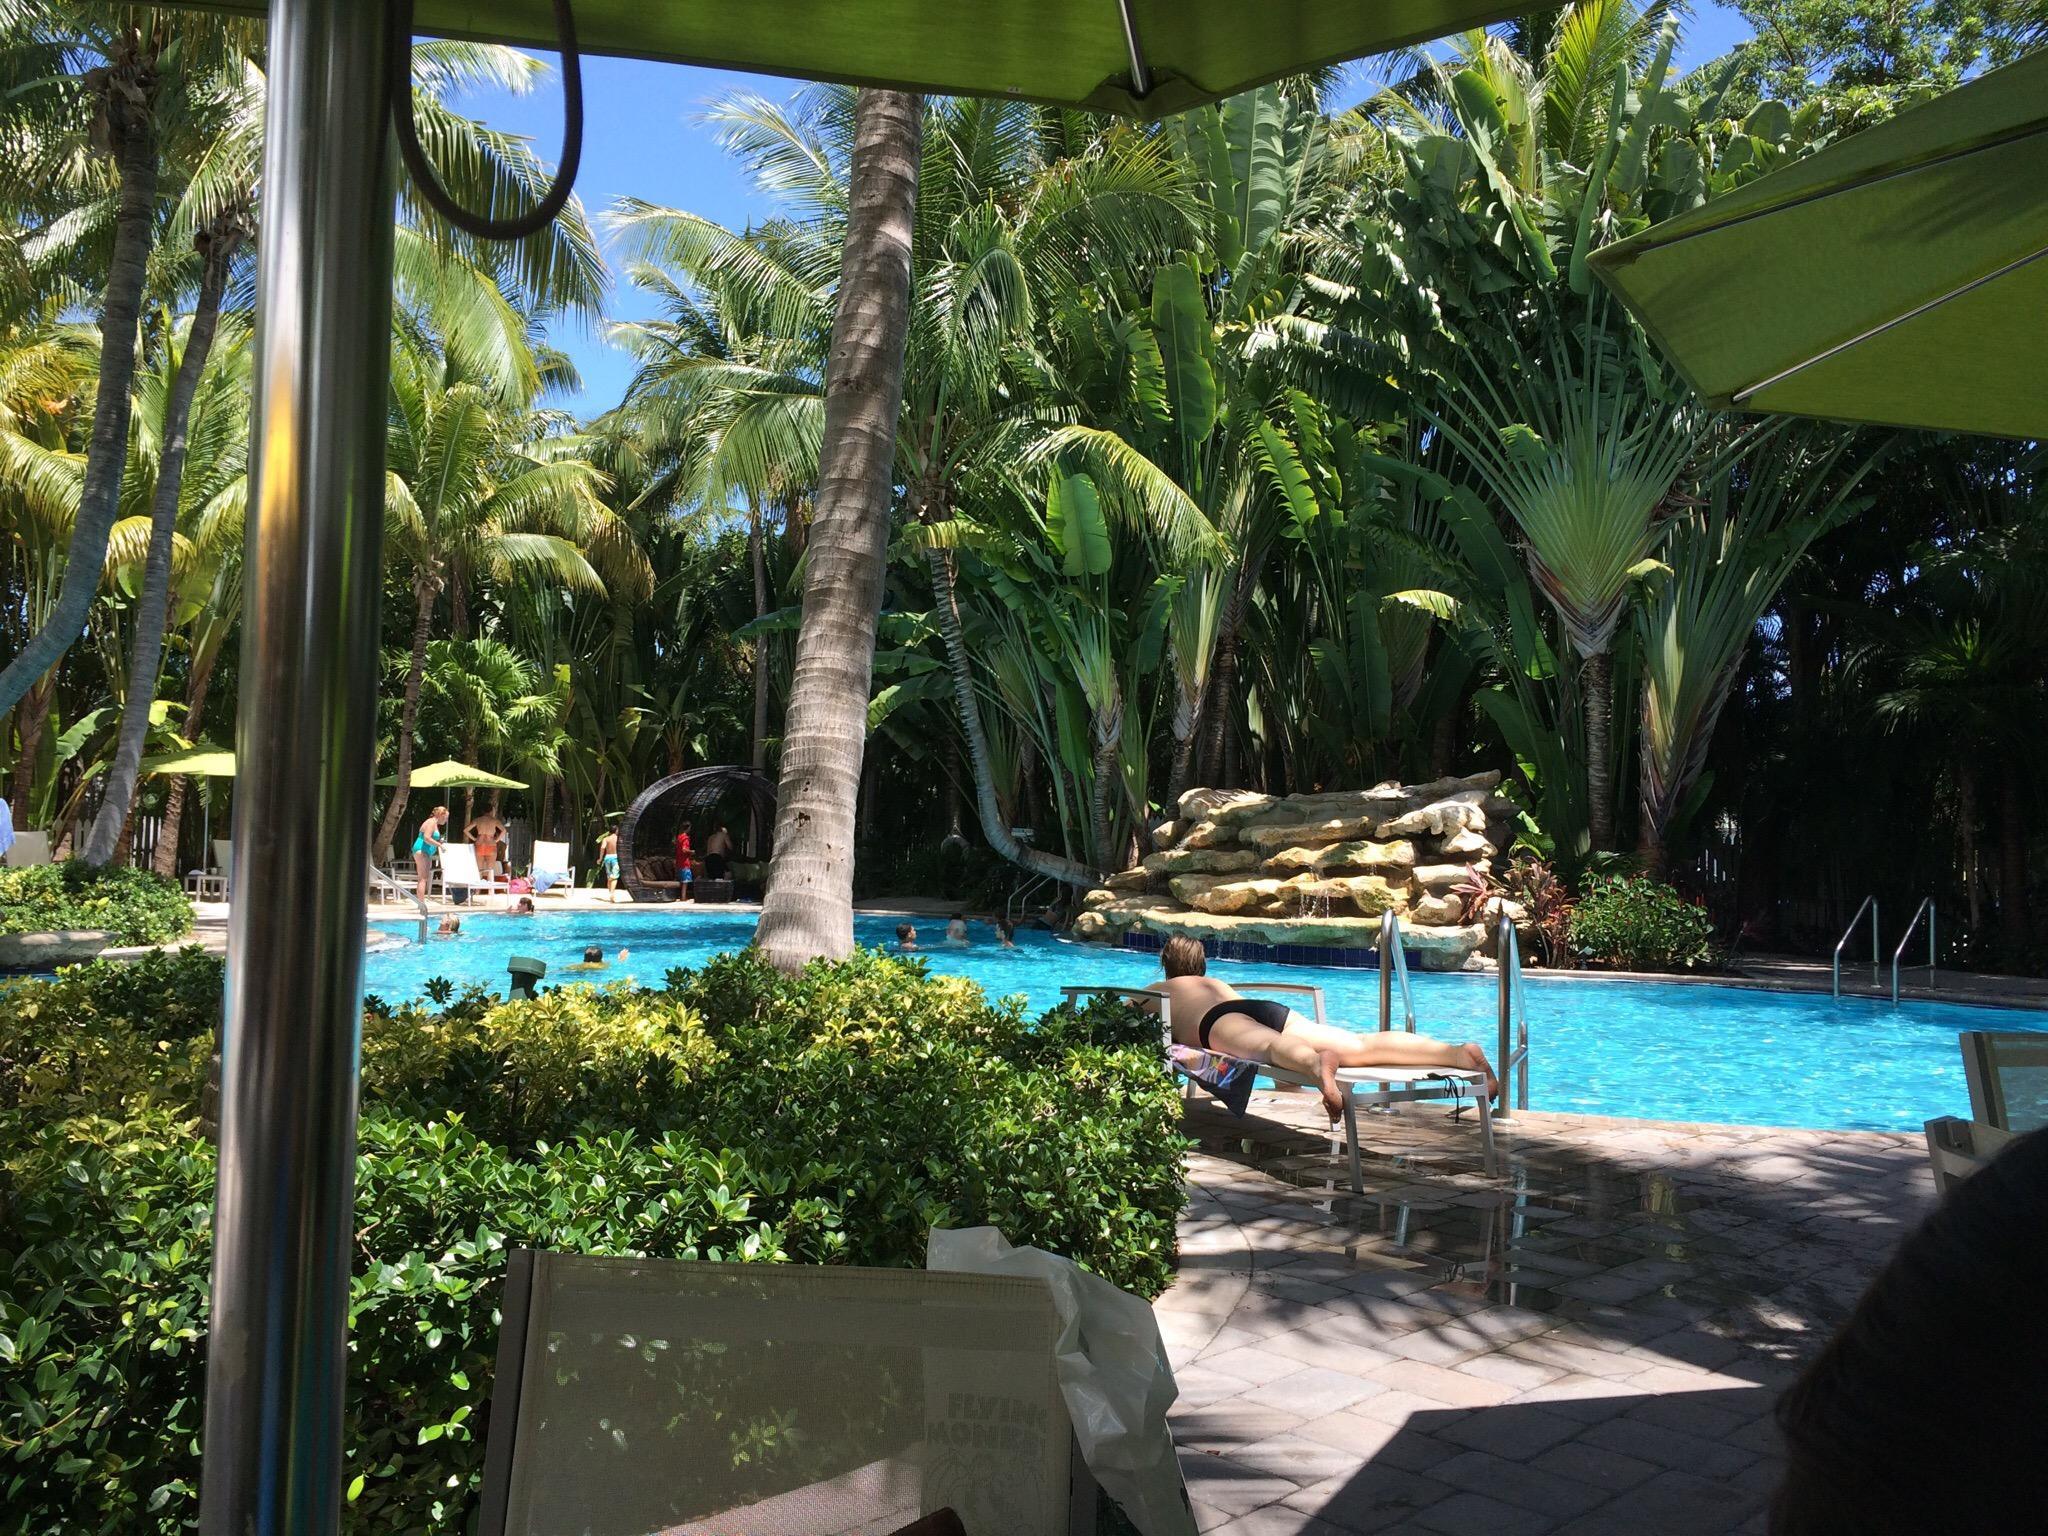 Hotel Key West - comparaison et réservation de 87 hoteles